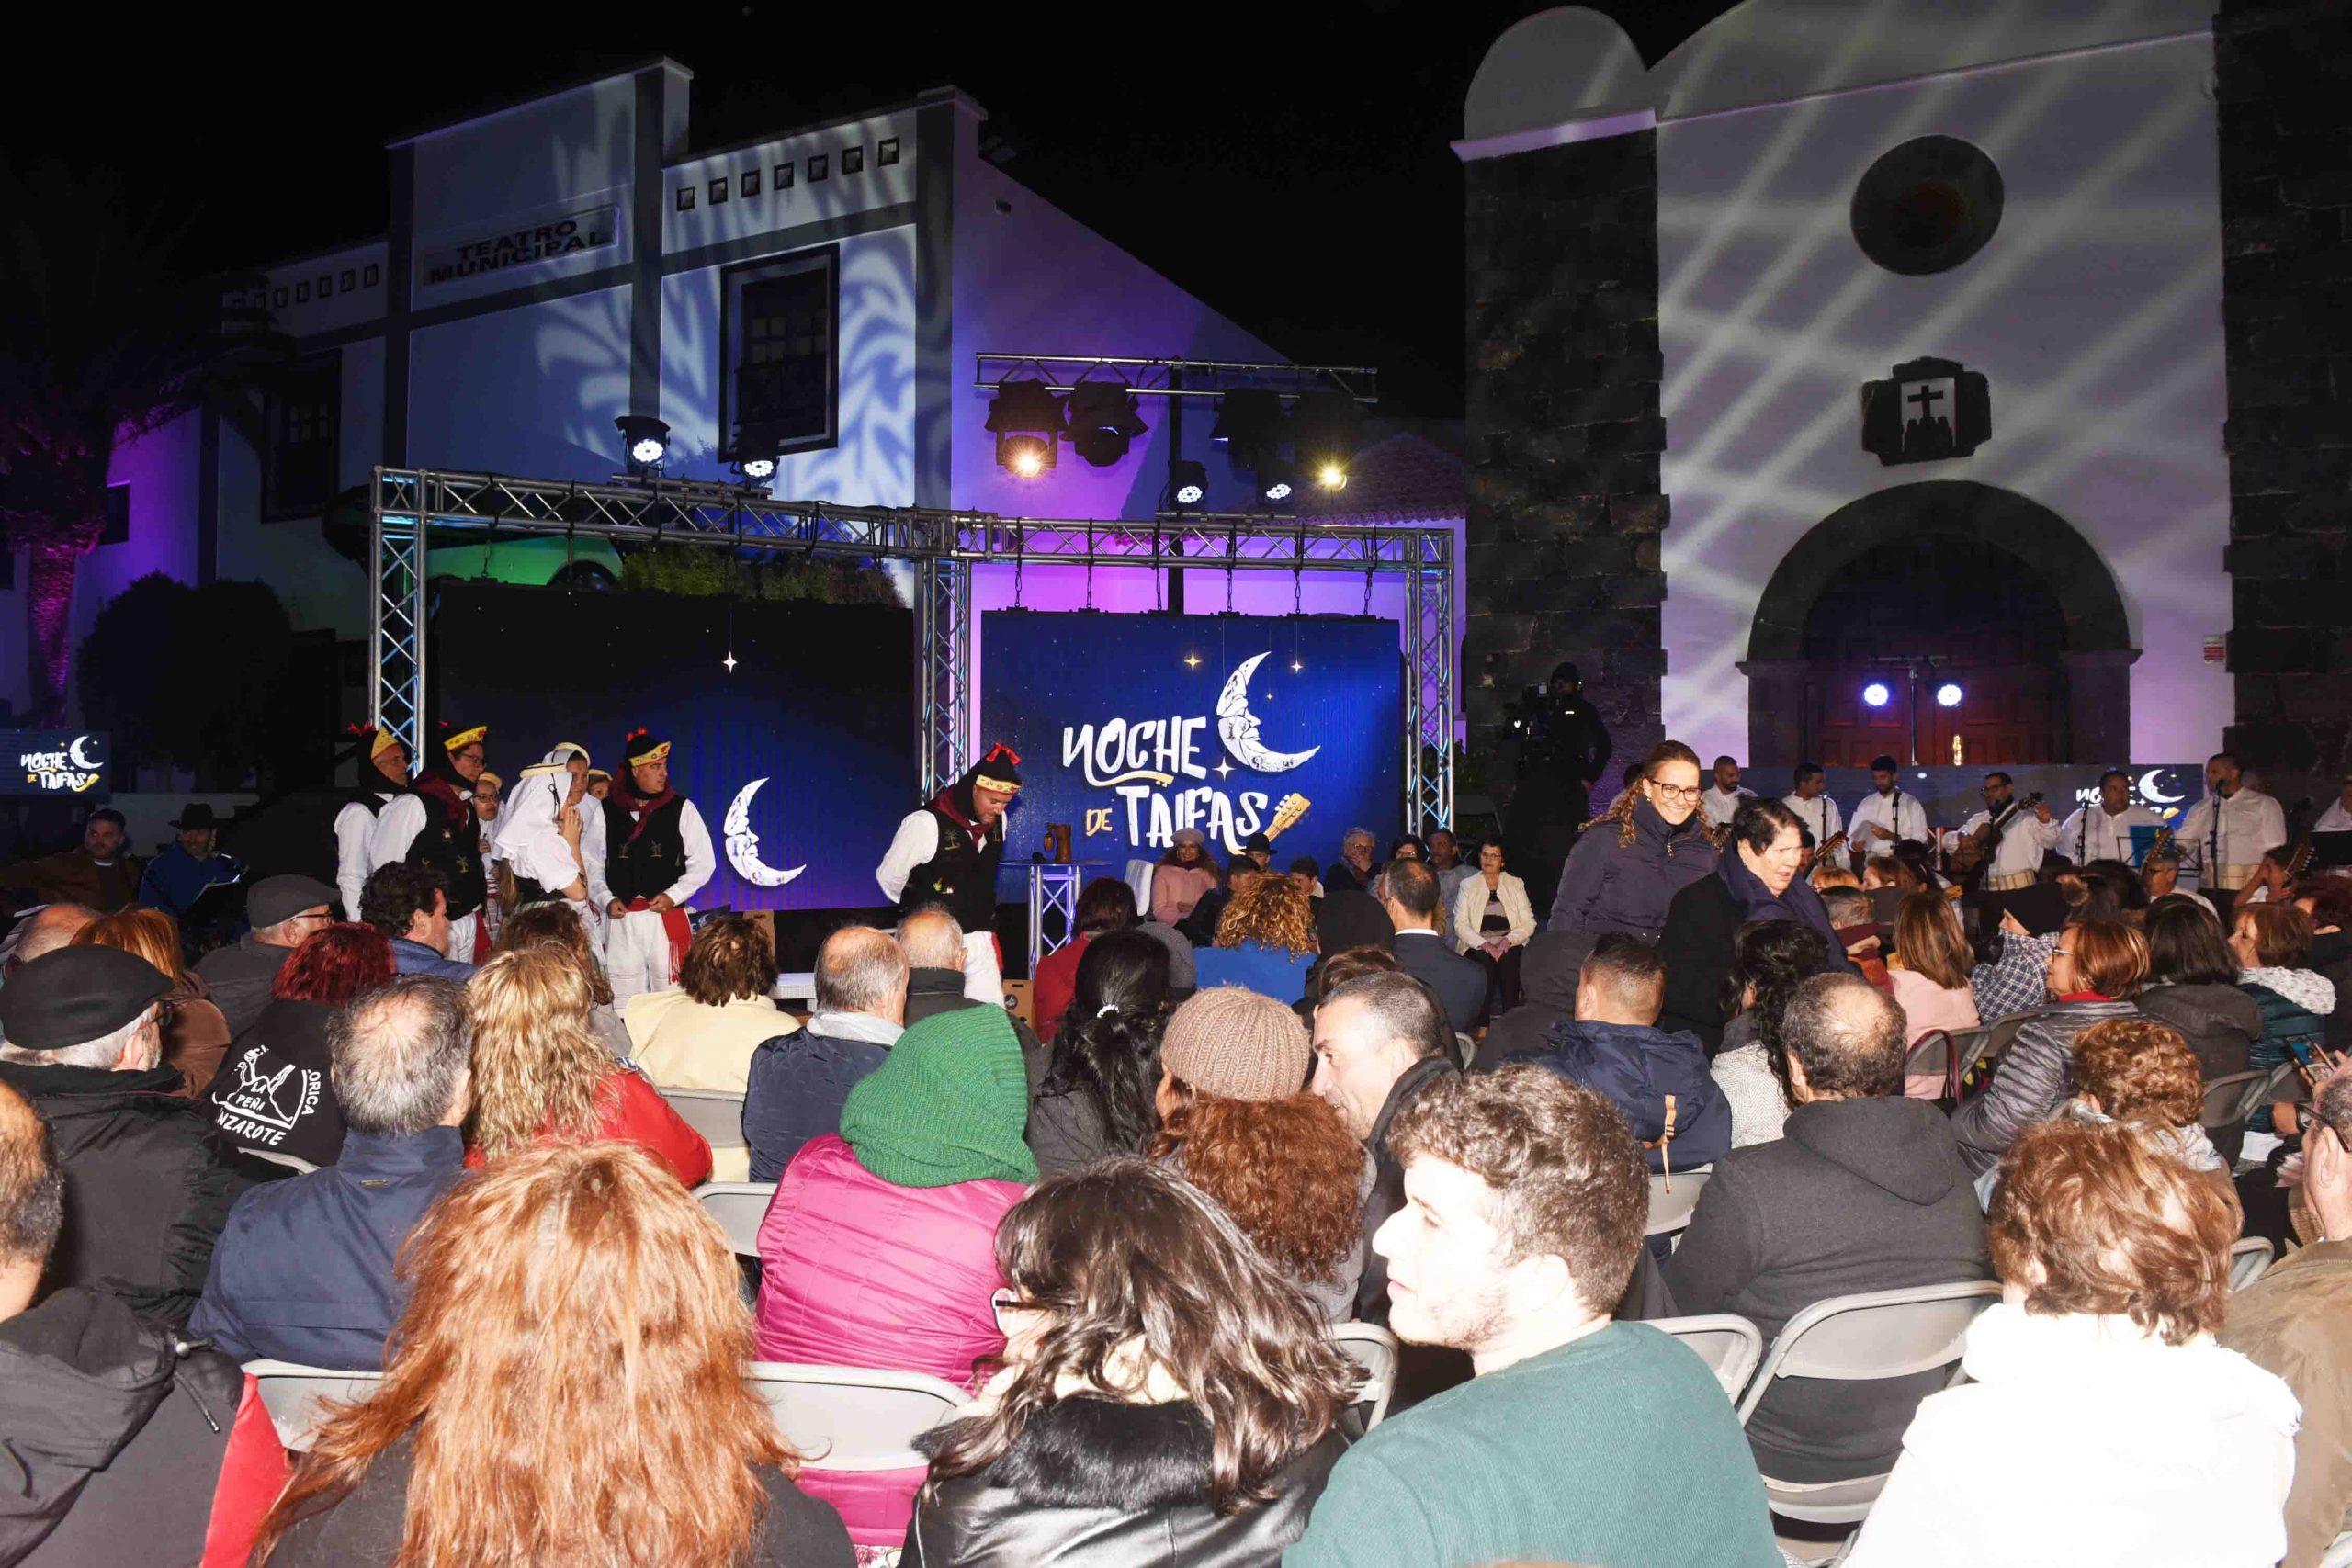 San Bartolomé se convierte en el epicentro del folclore canario durante la grabación de Noche de Taifas